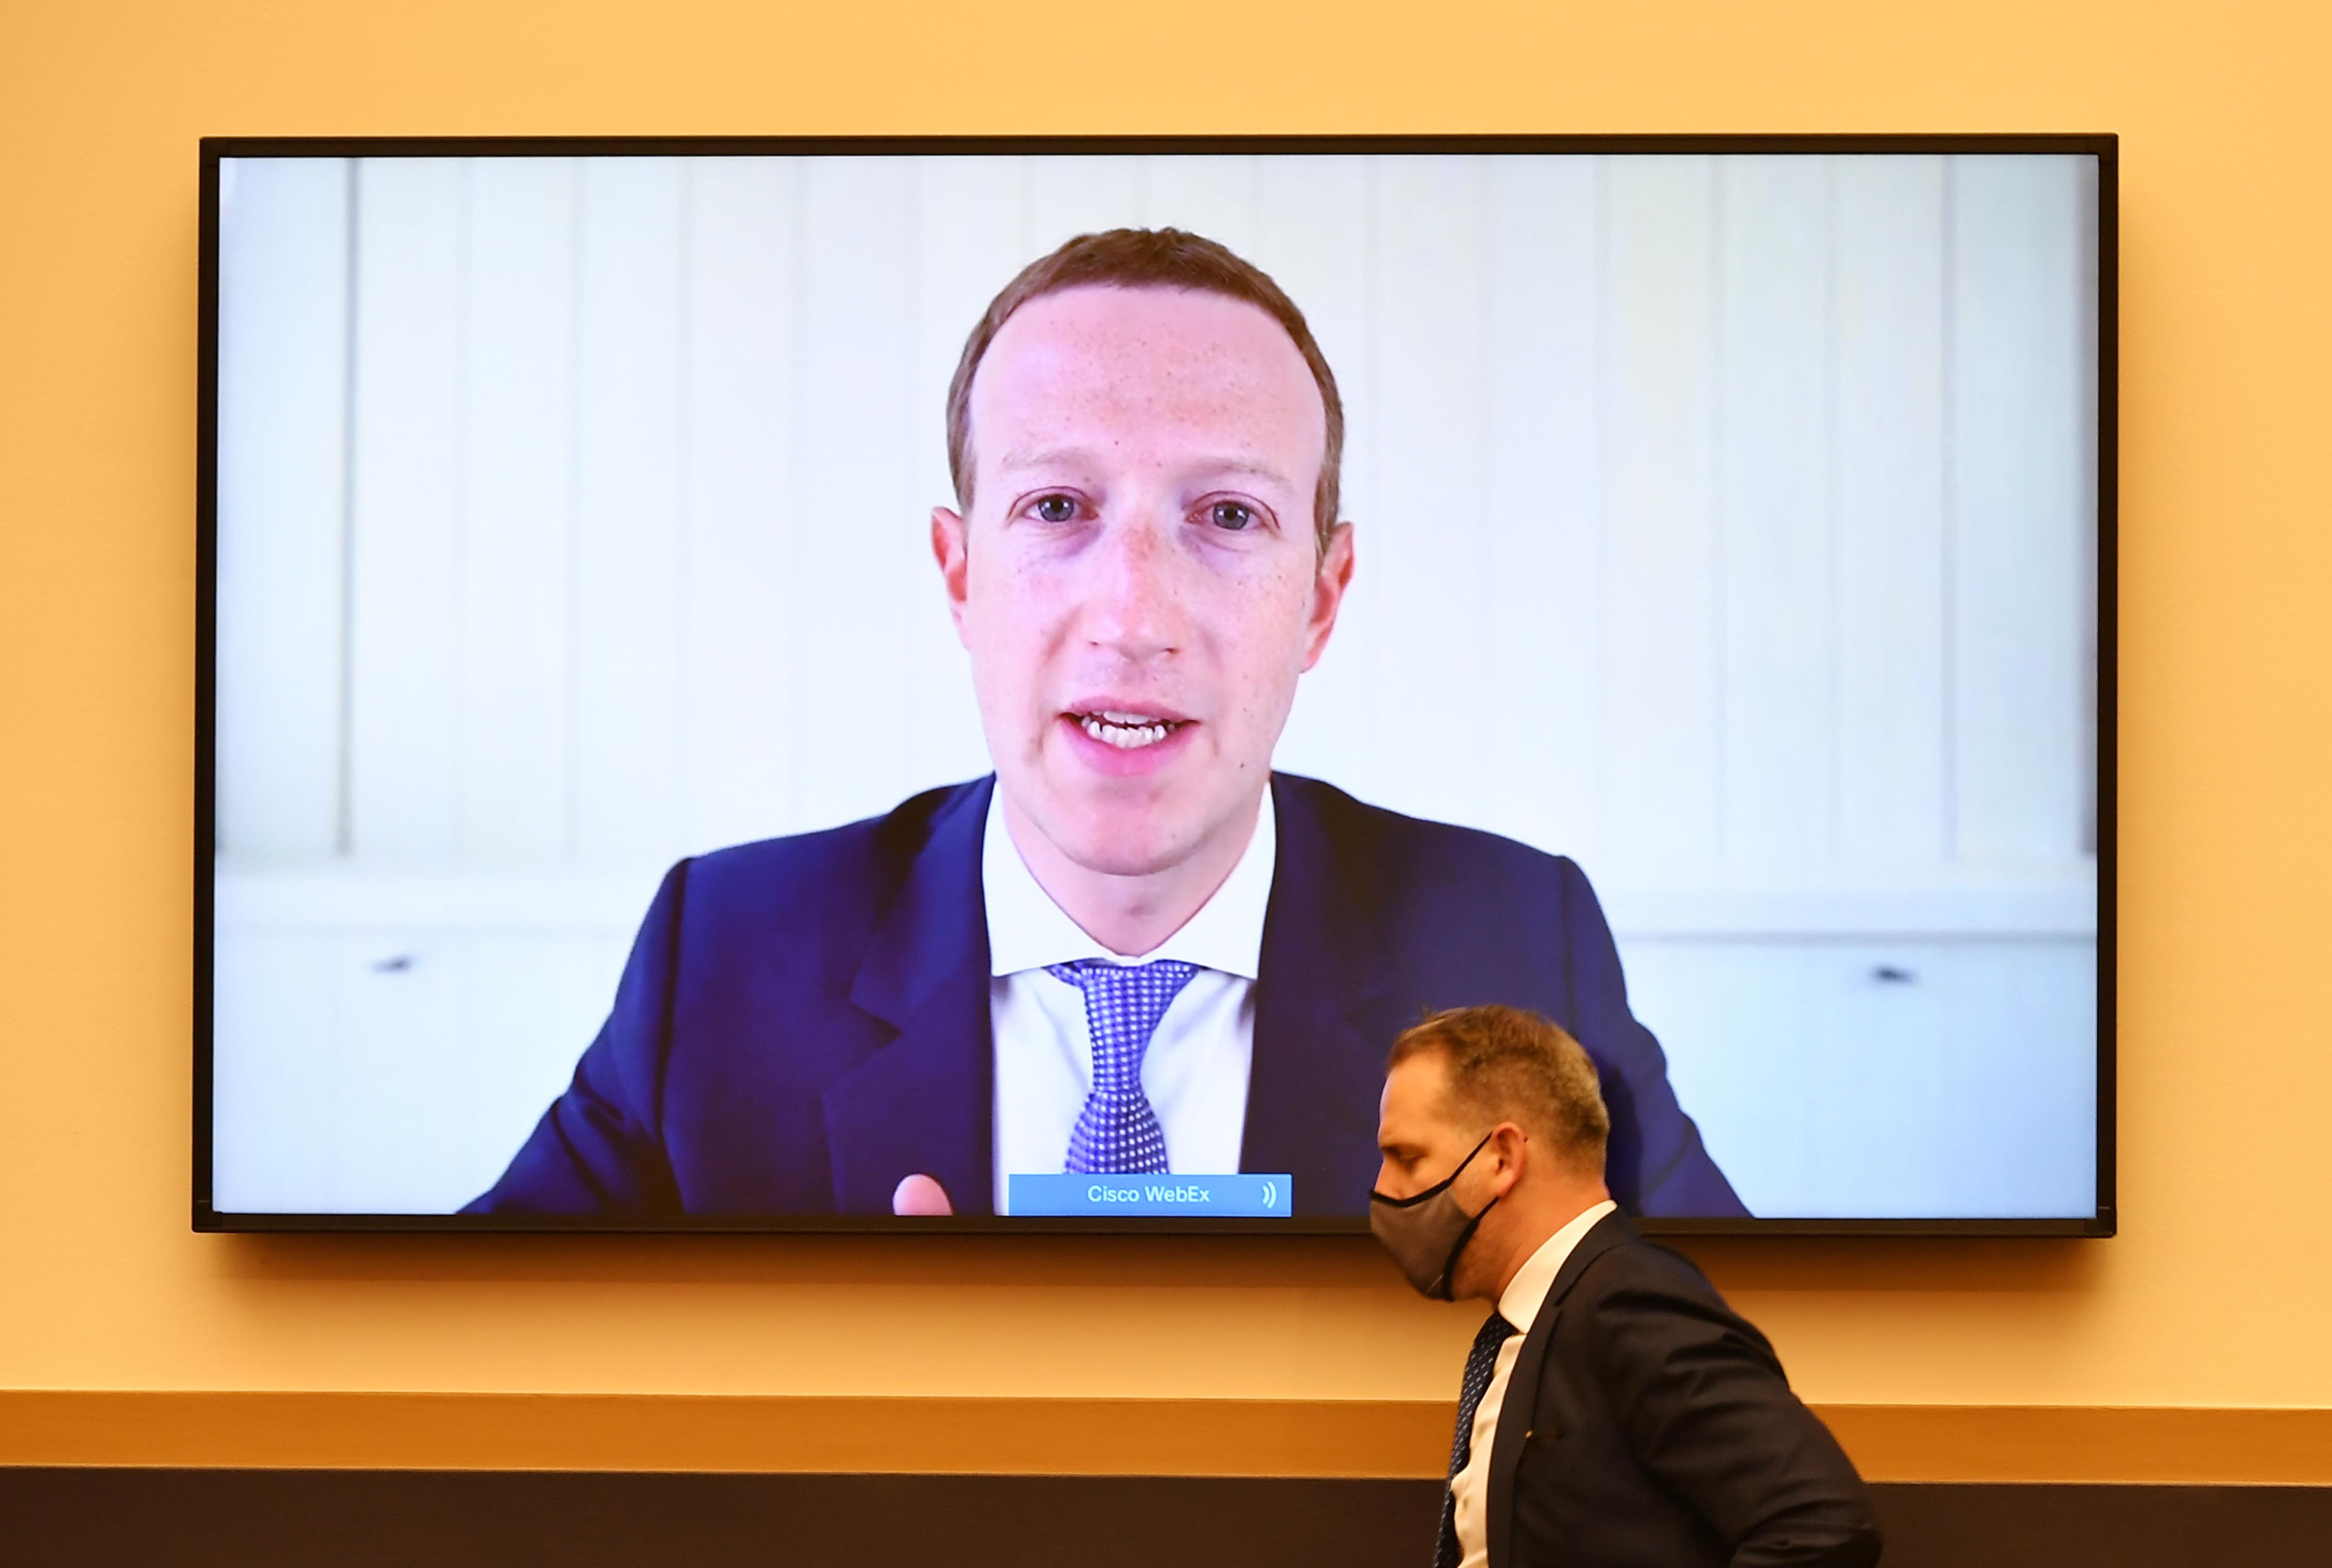 A Facebook lecsap az antiszemita összeesküvés-elméletekre és a blackface-re